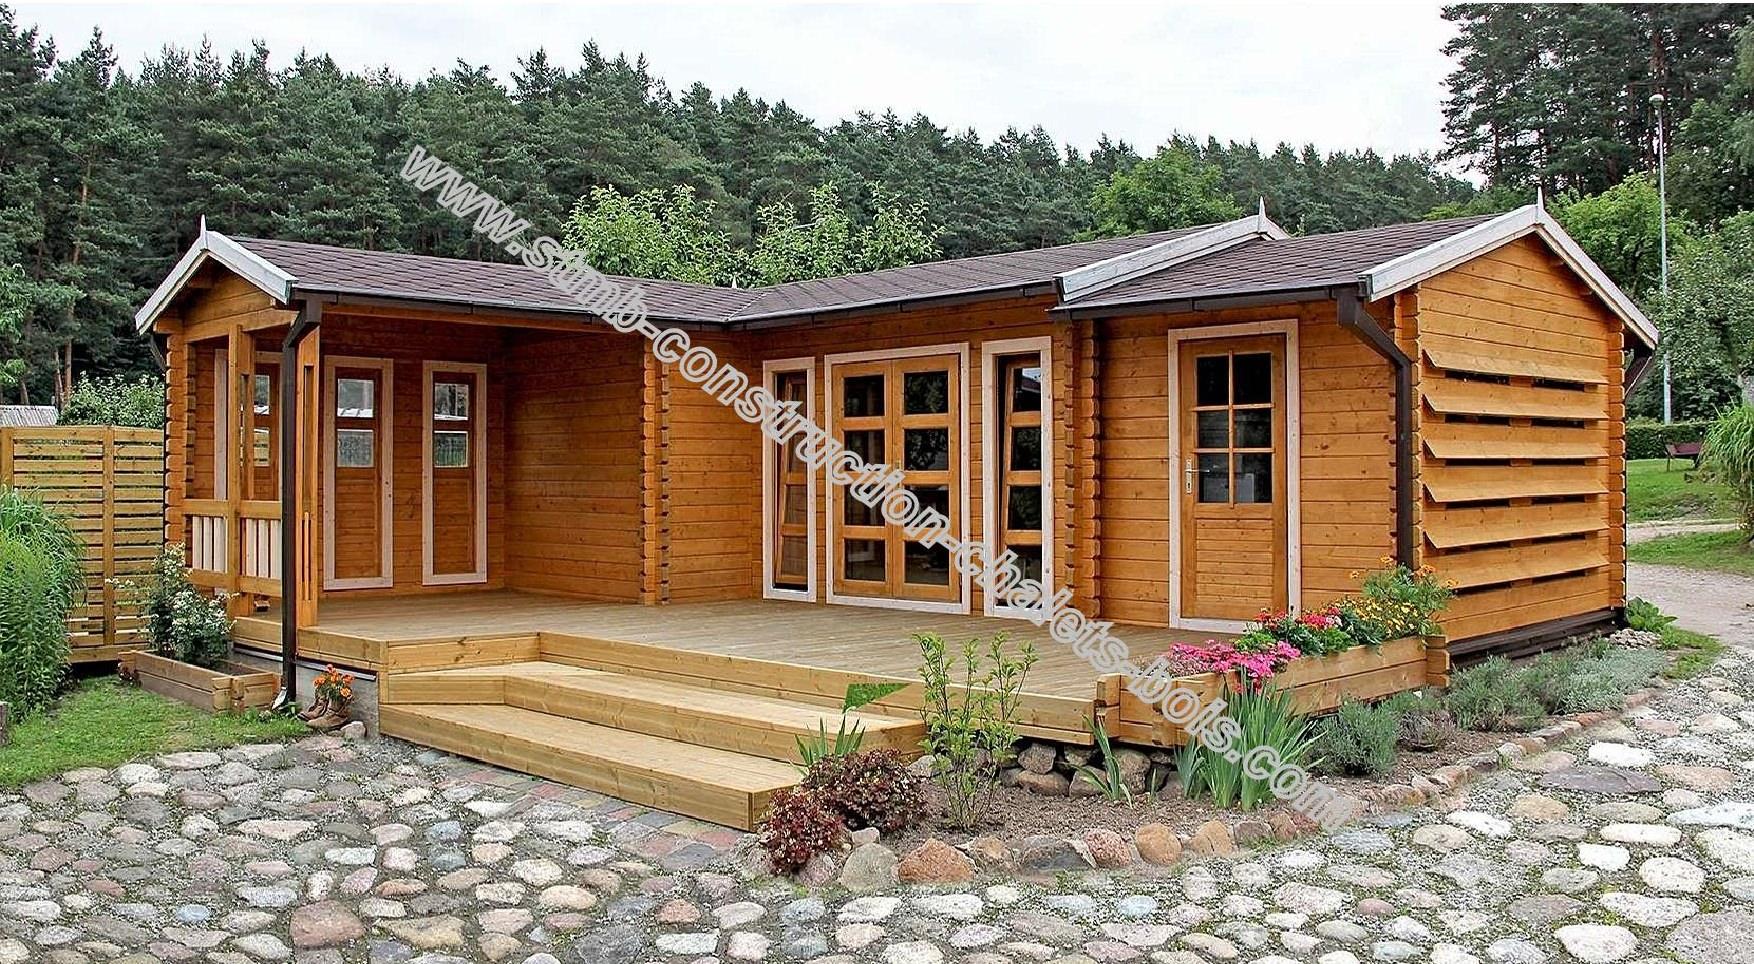 Vente de chalet bois en kit stmb construction chalets bois - Chalet de jardin occasion a vendre ...